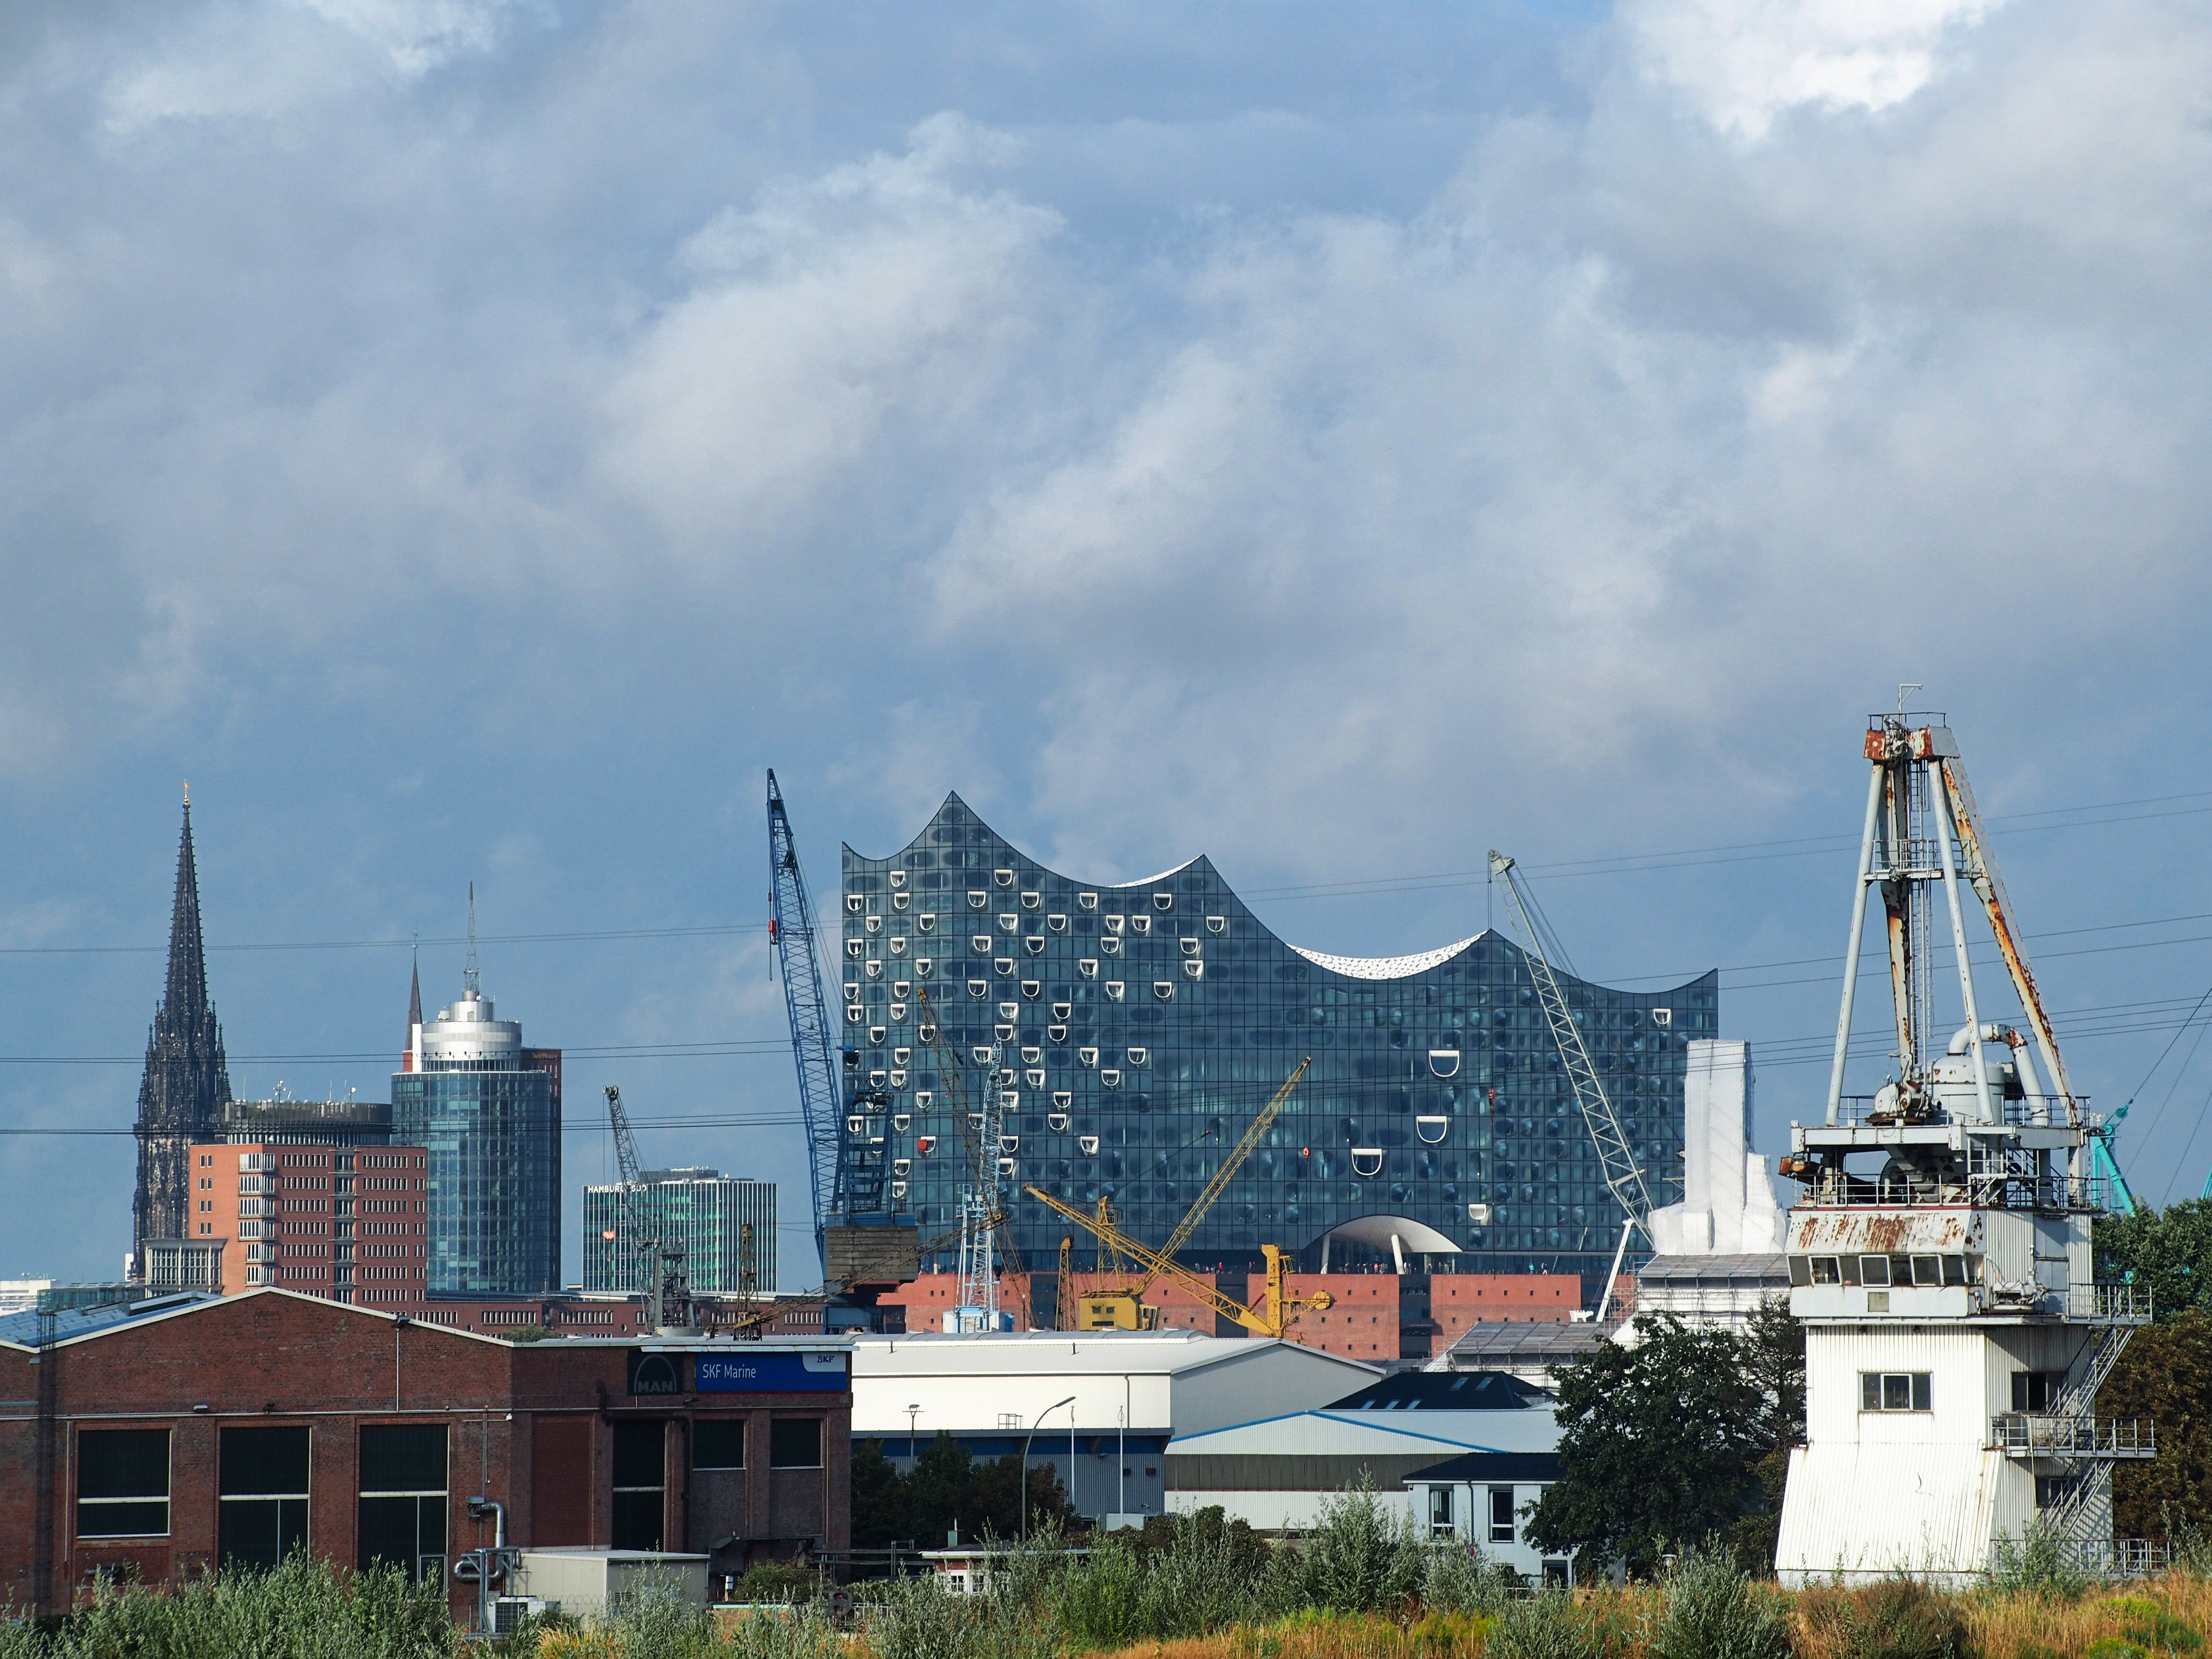 クレーン, ハンバーグ, 港の無料の写真素材